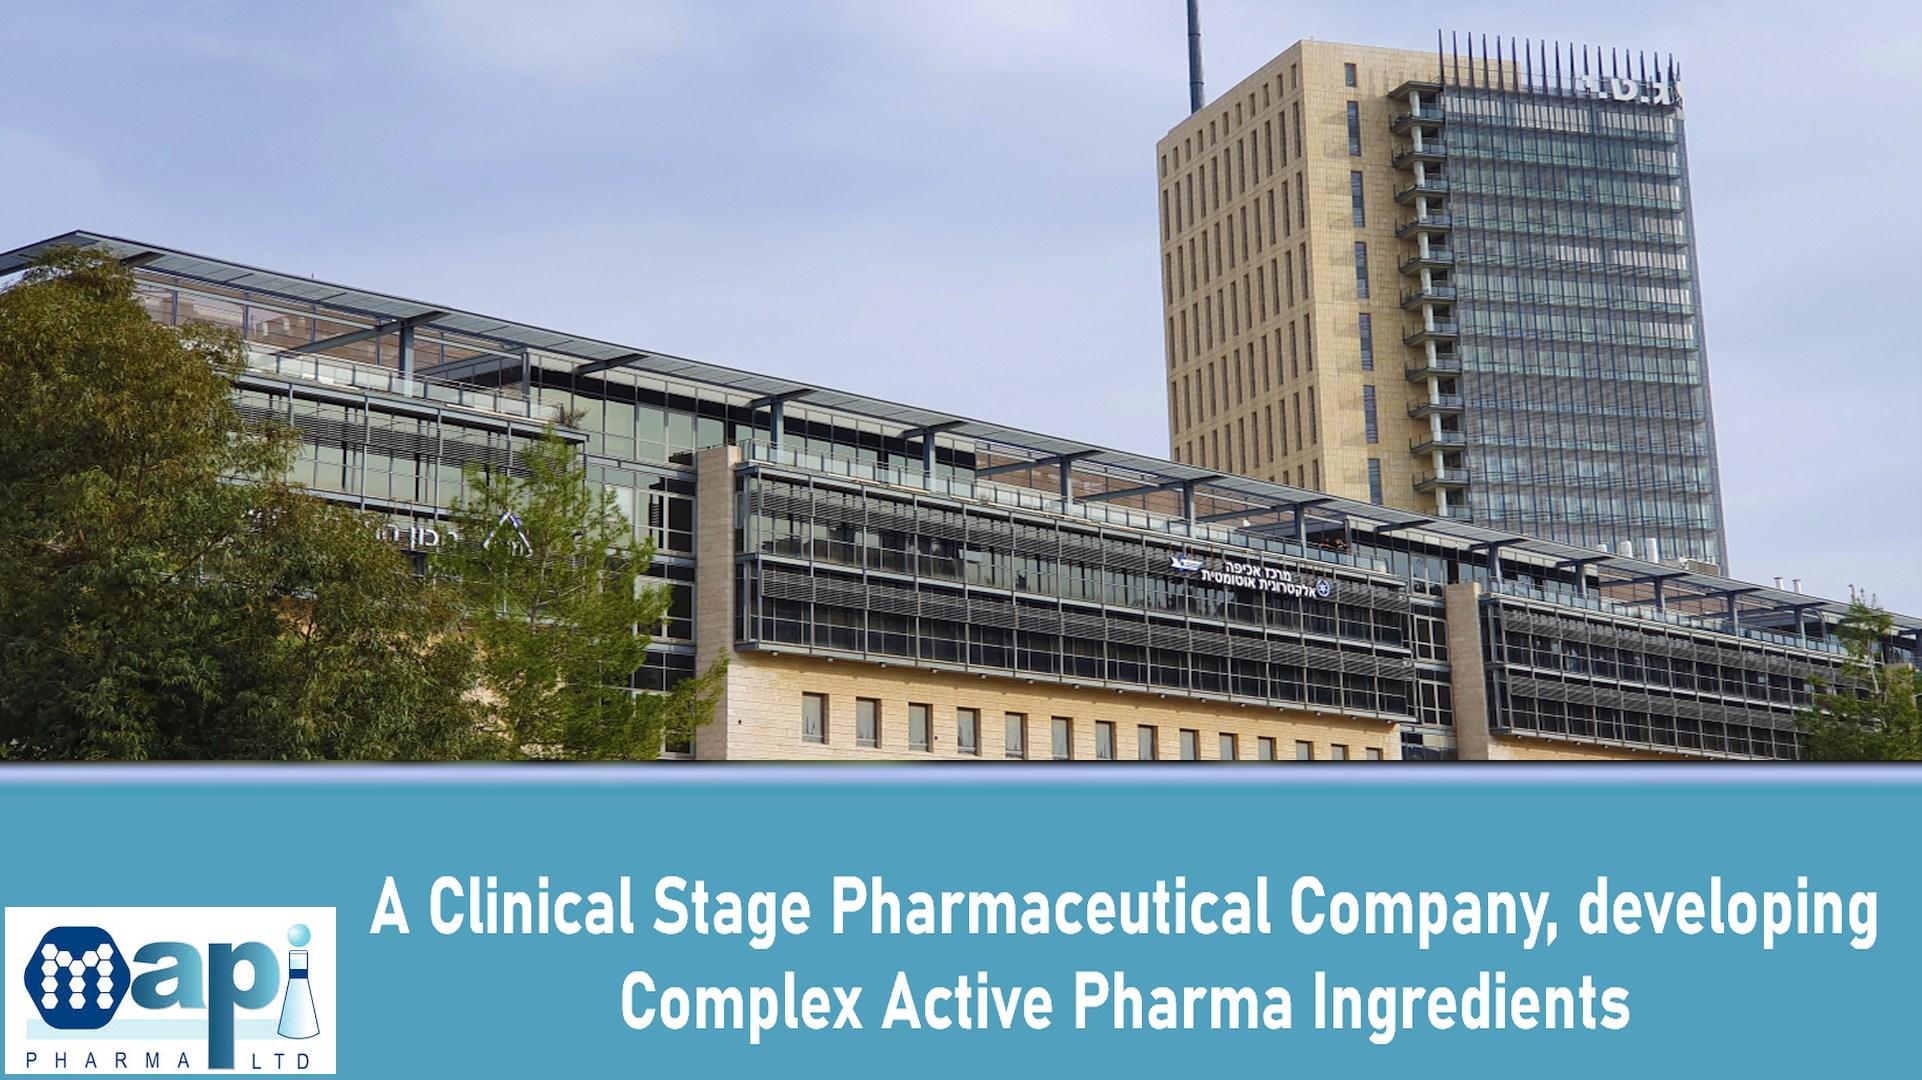 Mapi Pharma In Talks To Produce Covid-19 Vaccine in Jerusalem